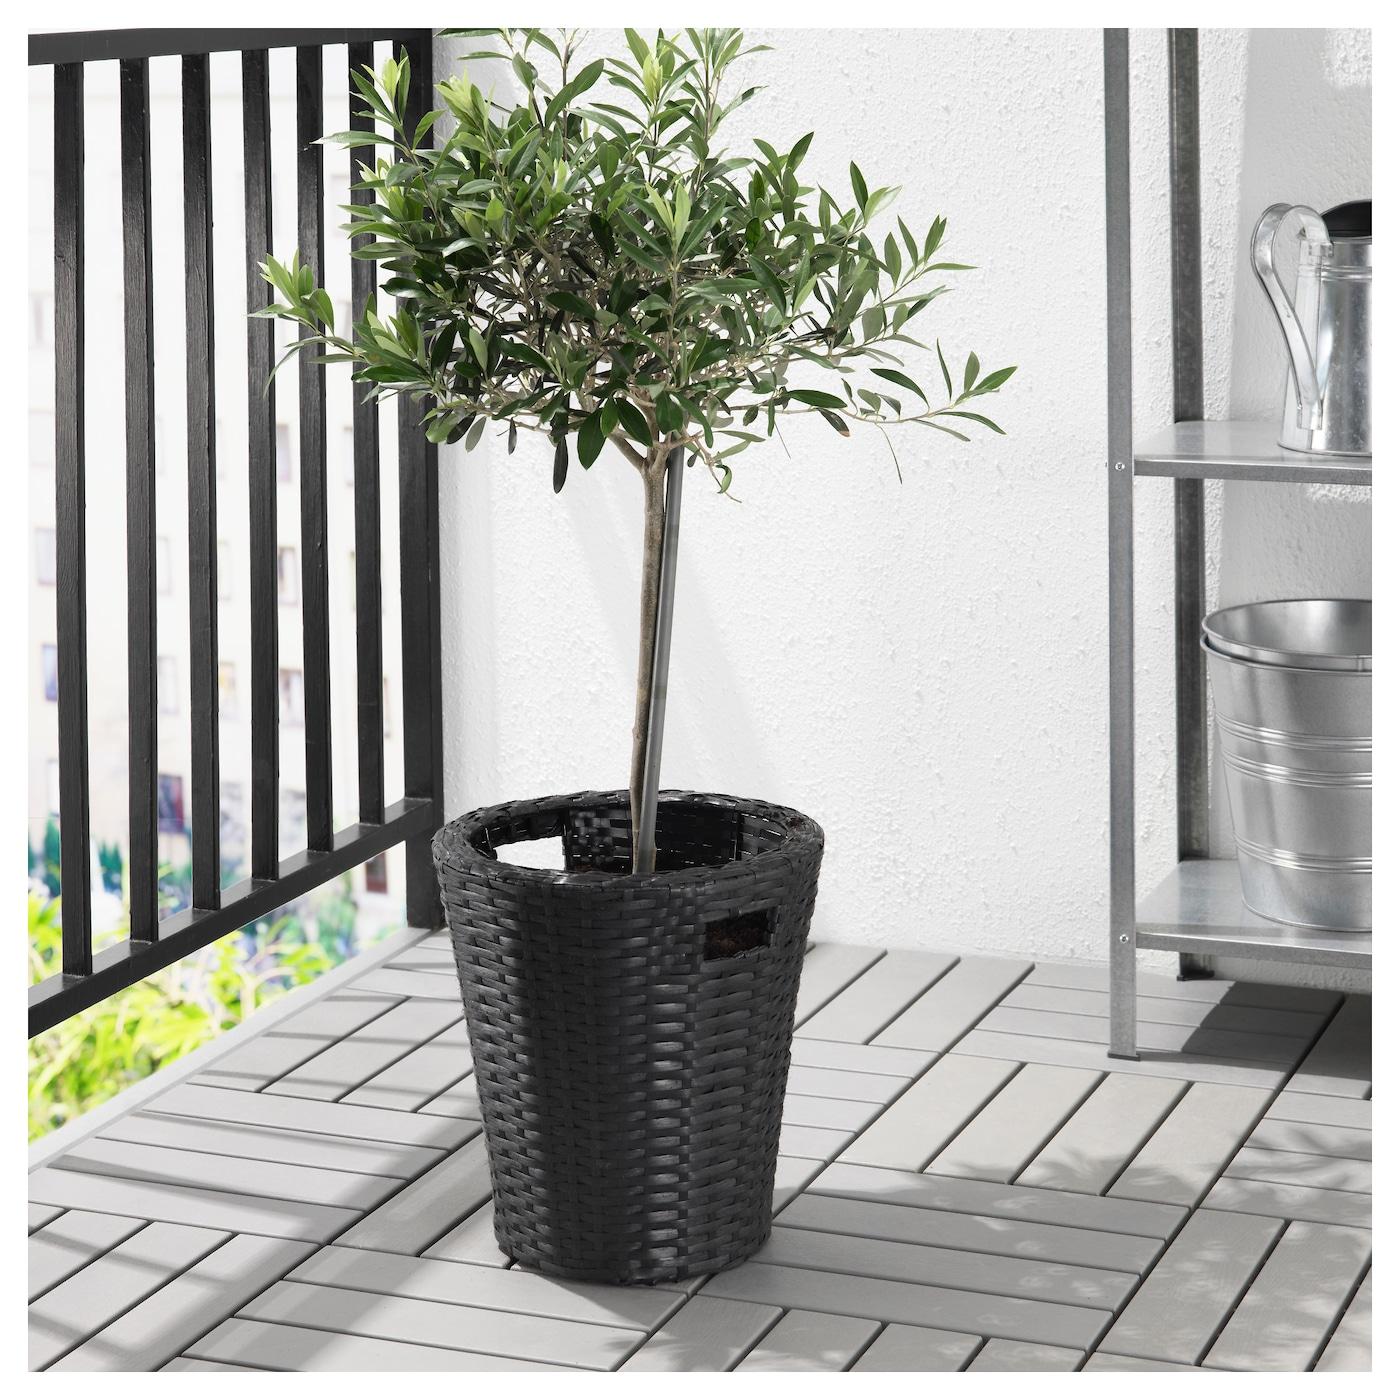 kokbanan cache pot int rieur ext rieur noir 24 cm ikea. Black Bedroom Furniture Sets. Home Design Ideas